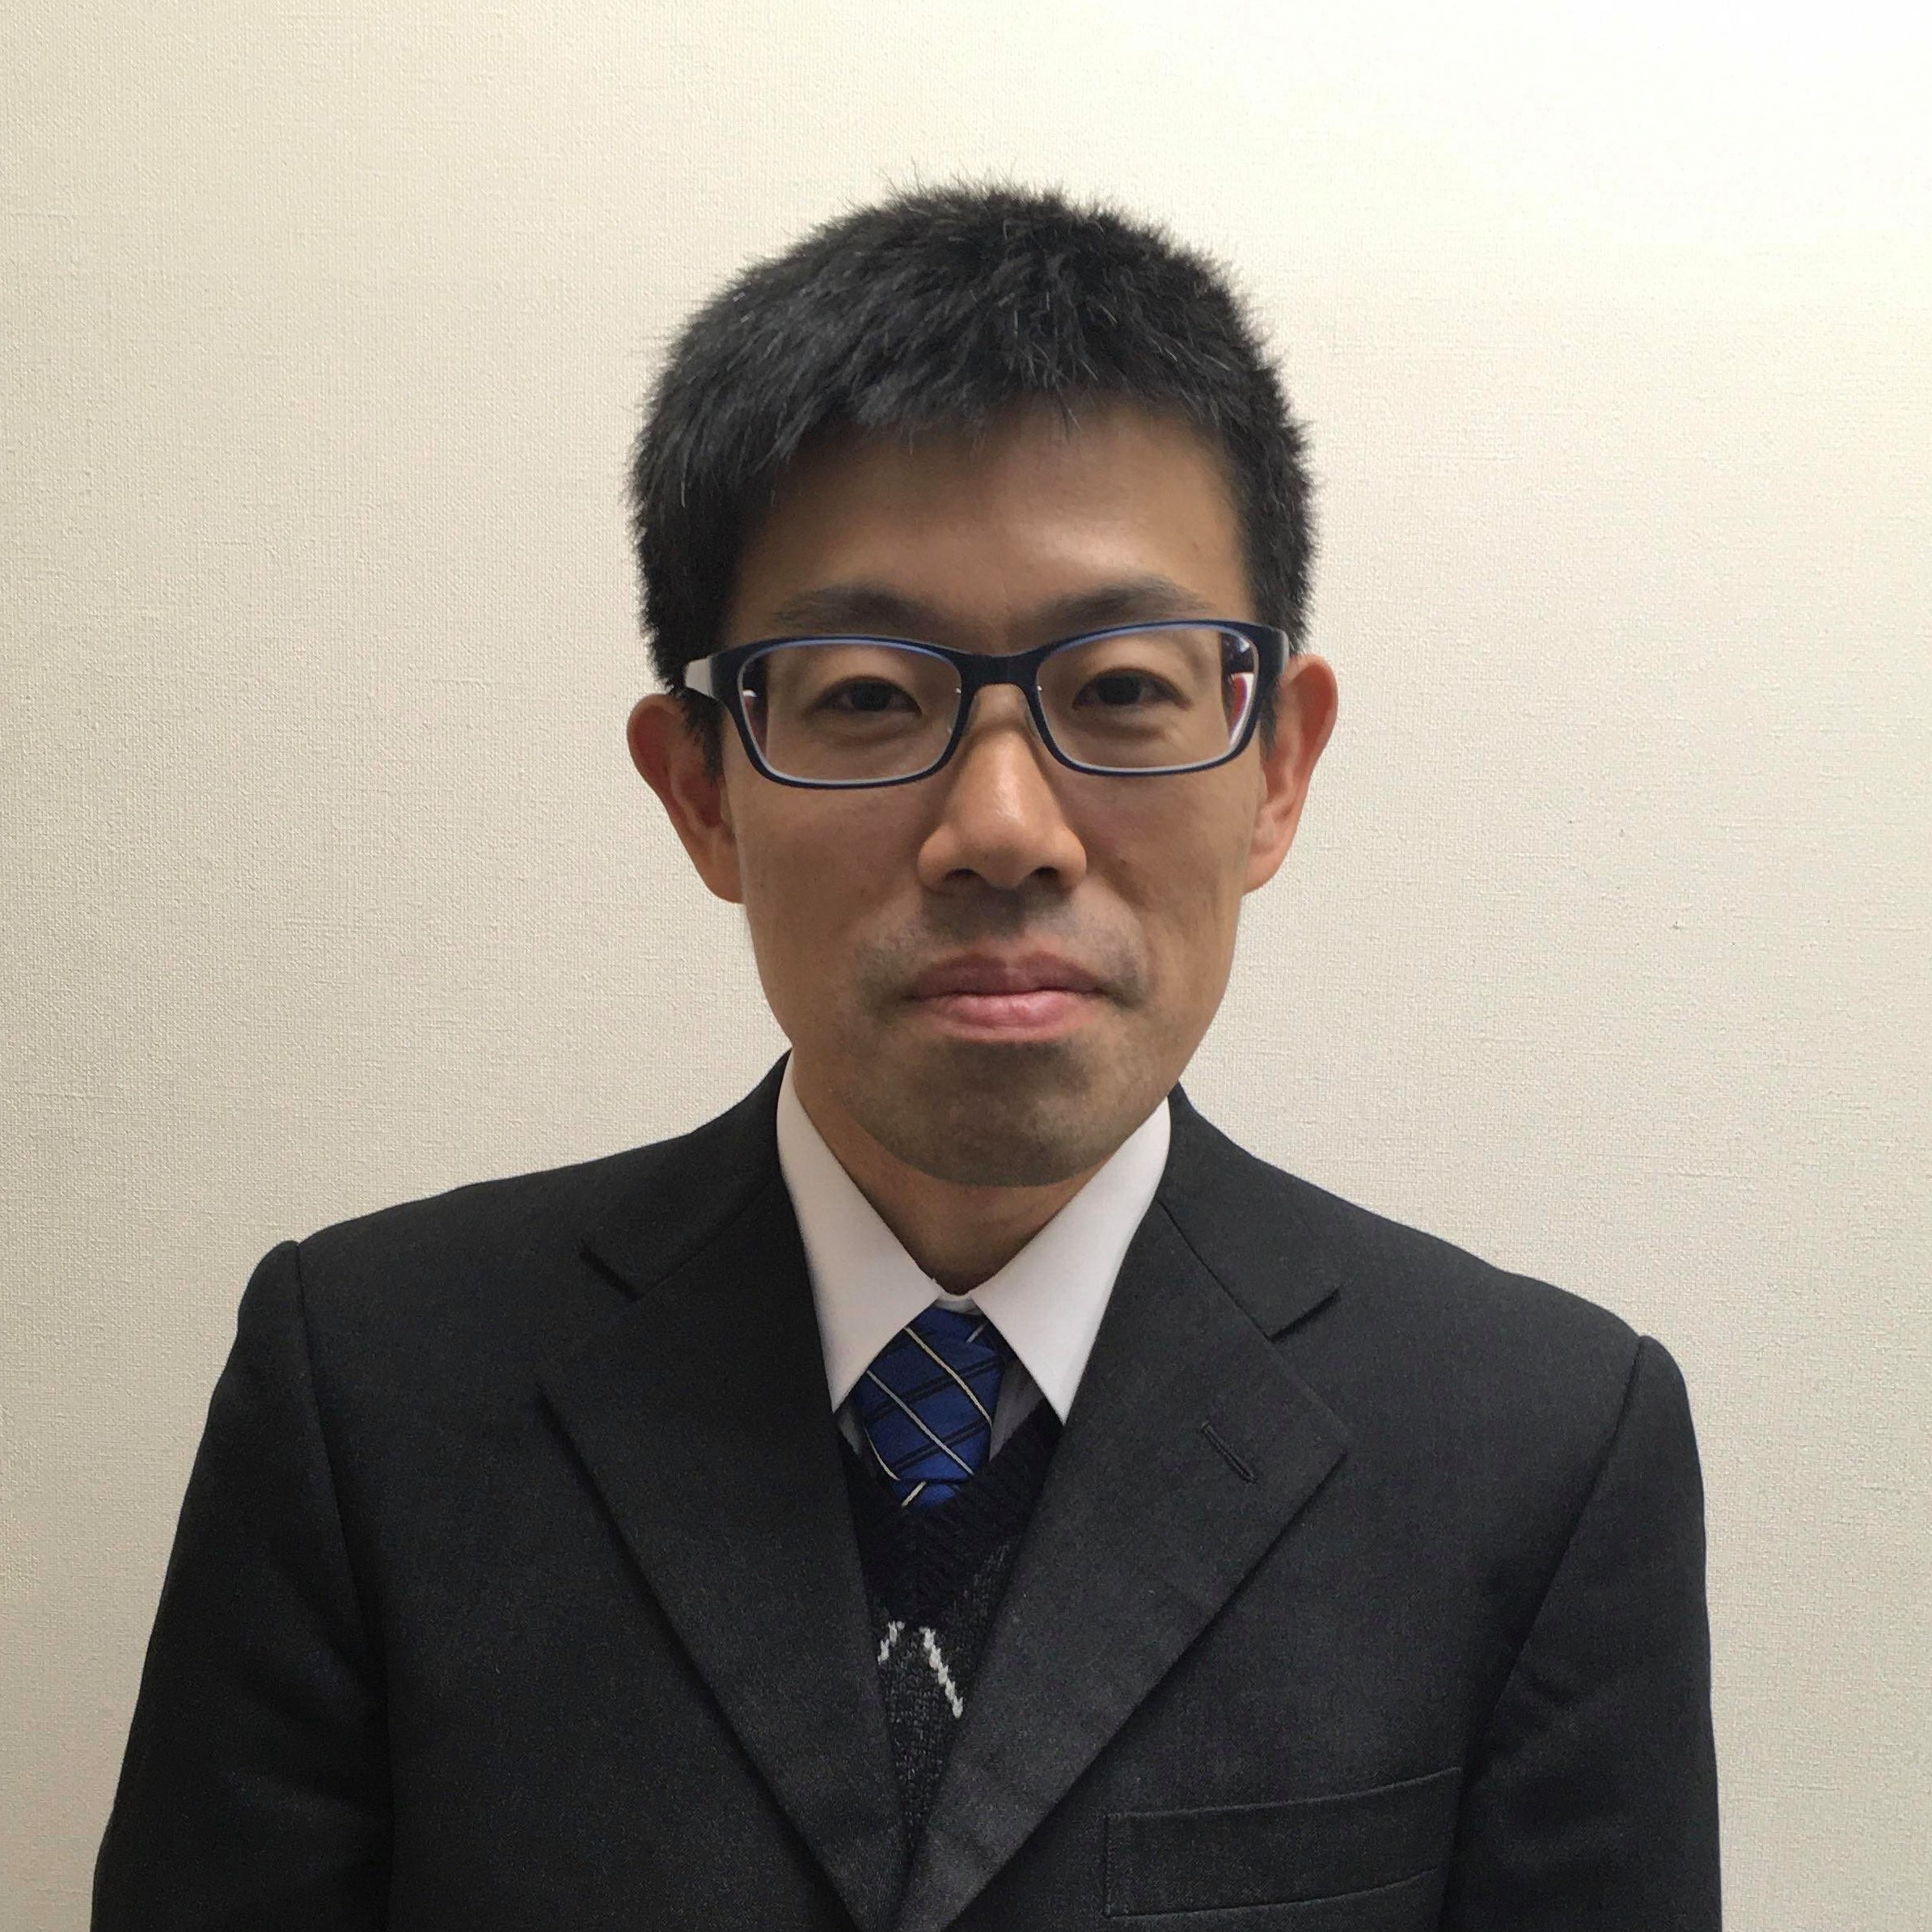 Jin Suzuki